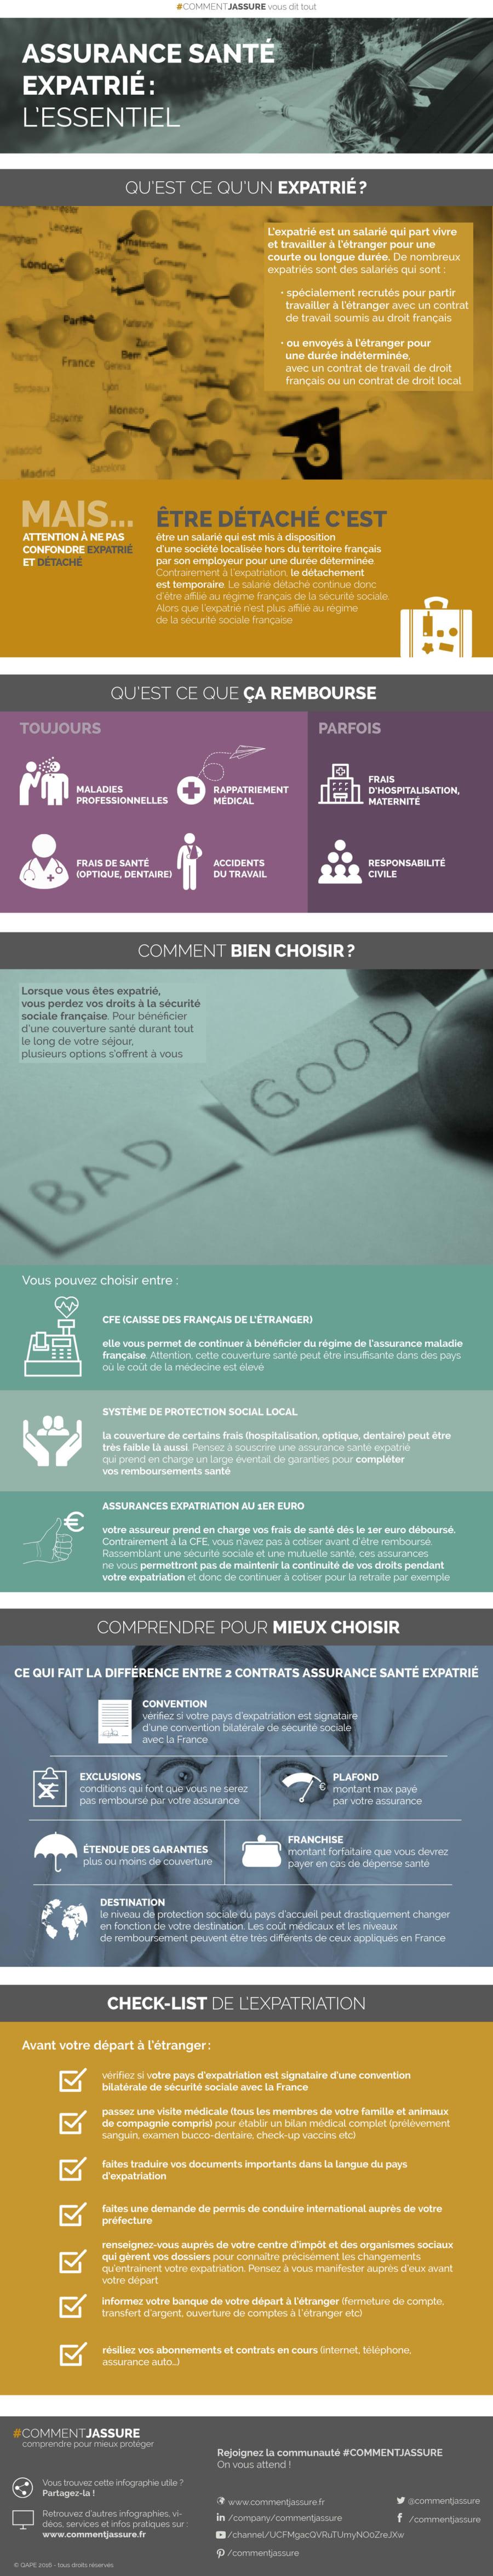 Infographie assurance santé expatrié : l'essentiel